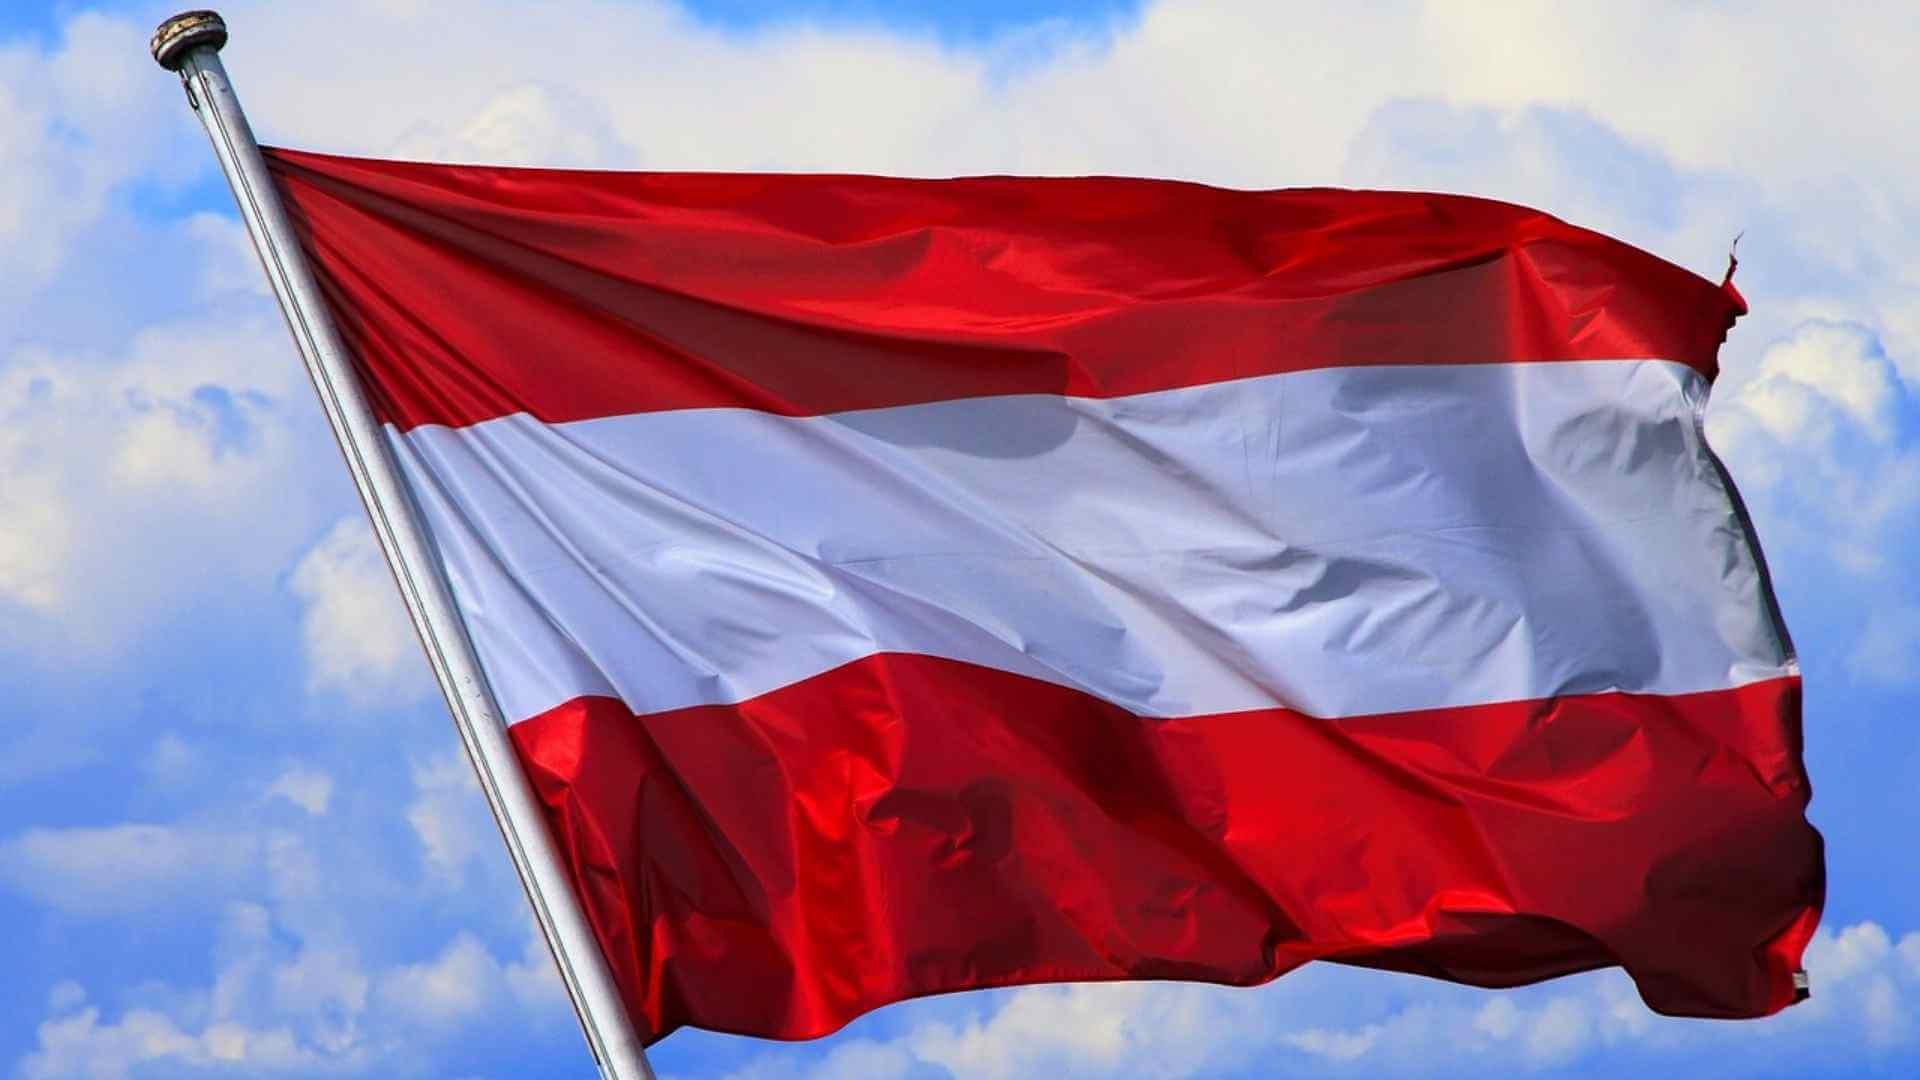 AGGIORNAMENTO 22/05/2020 – AUSTRIA – SOSPENSIONE DEI VOLI CON ITALIA, FRANCIA, SPAGNA, REGNO UNITO, PAESI BASSI, CINA, UCRAINA, RUSSIA E IRAN FINO AL 14 GIUGNO